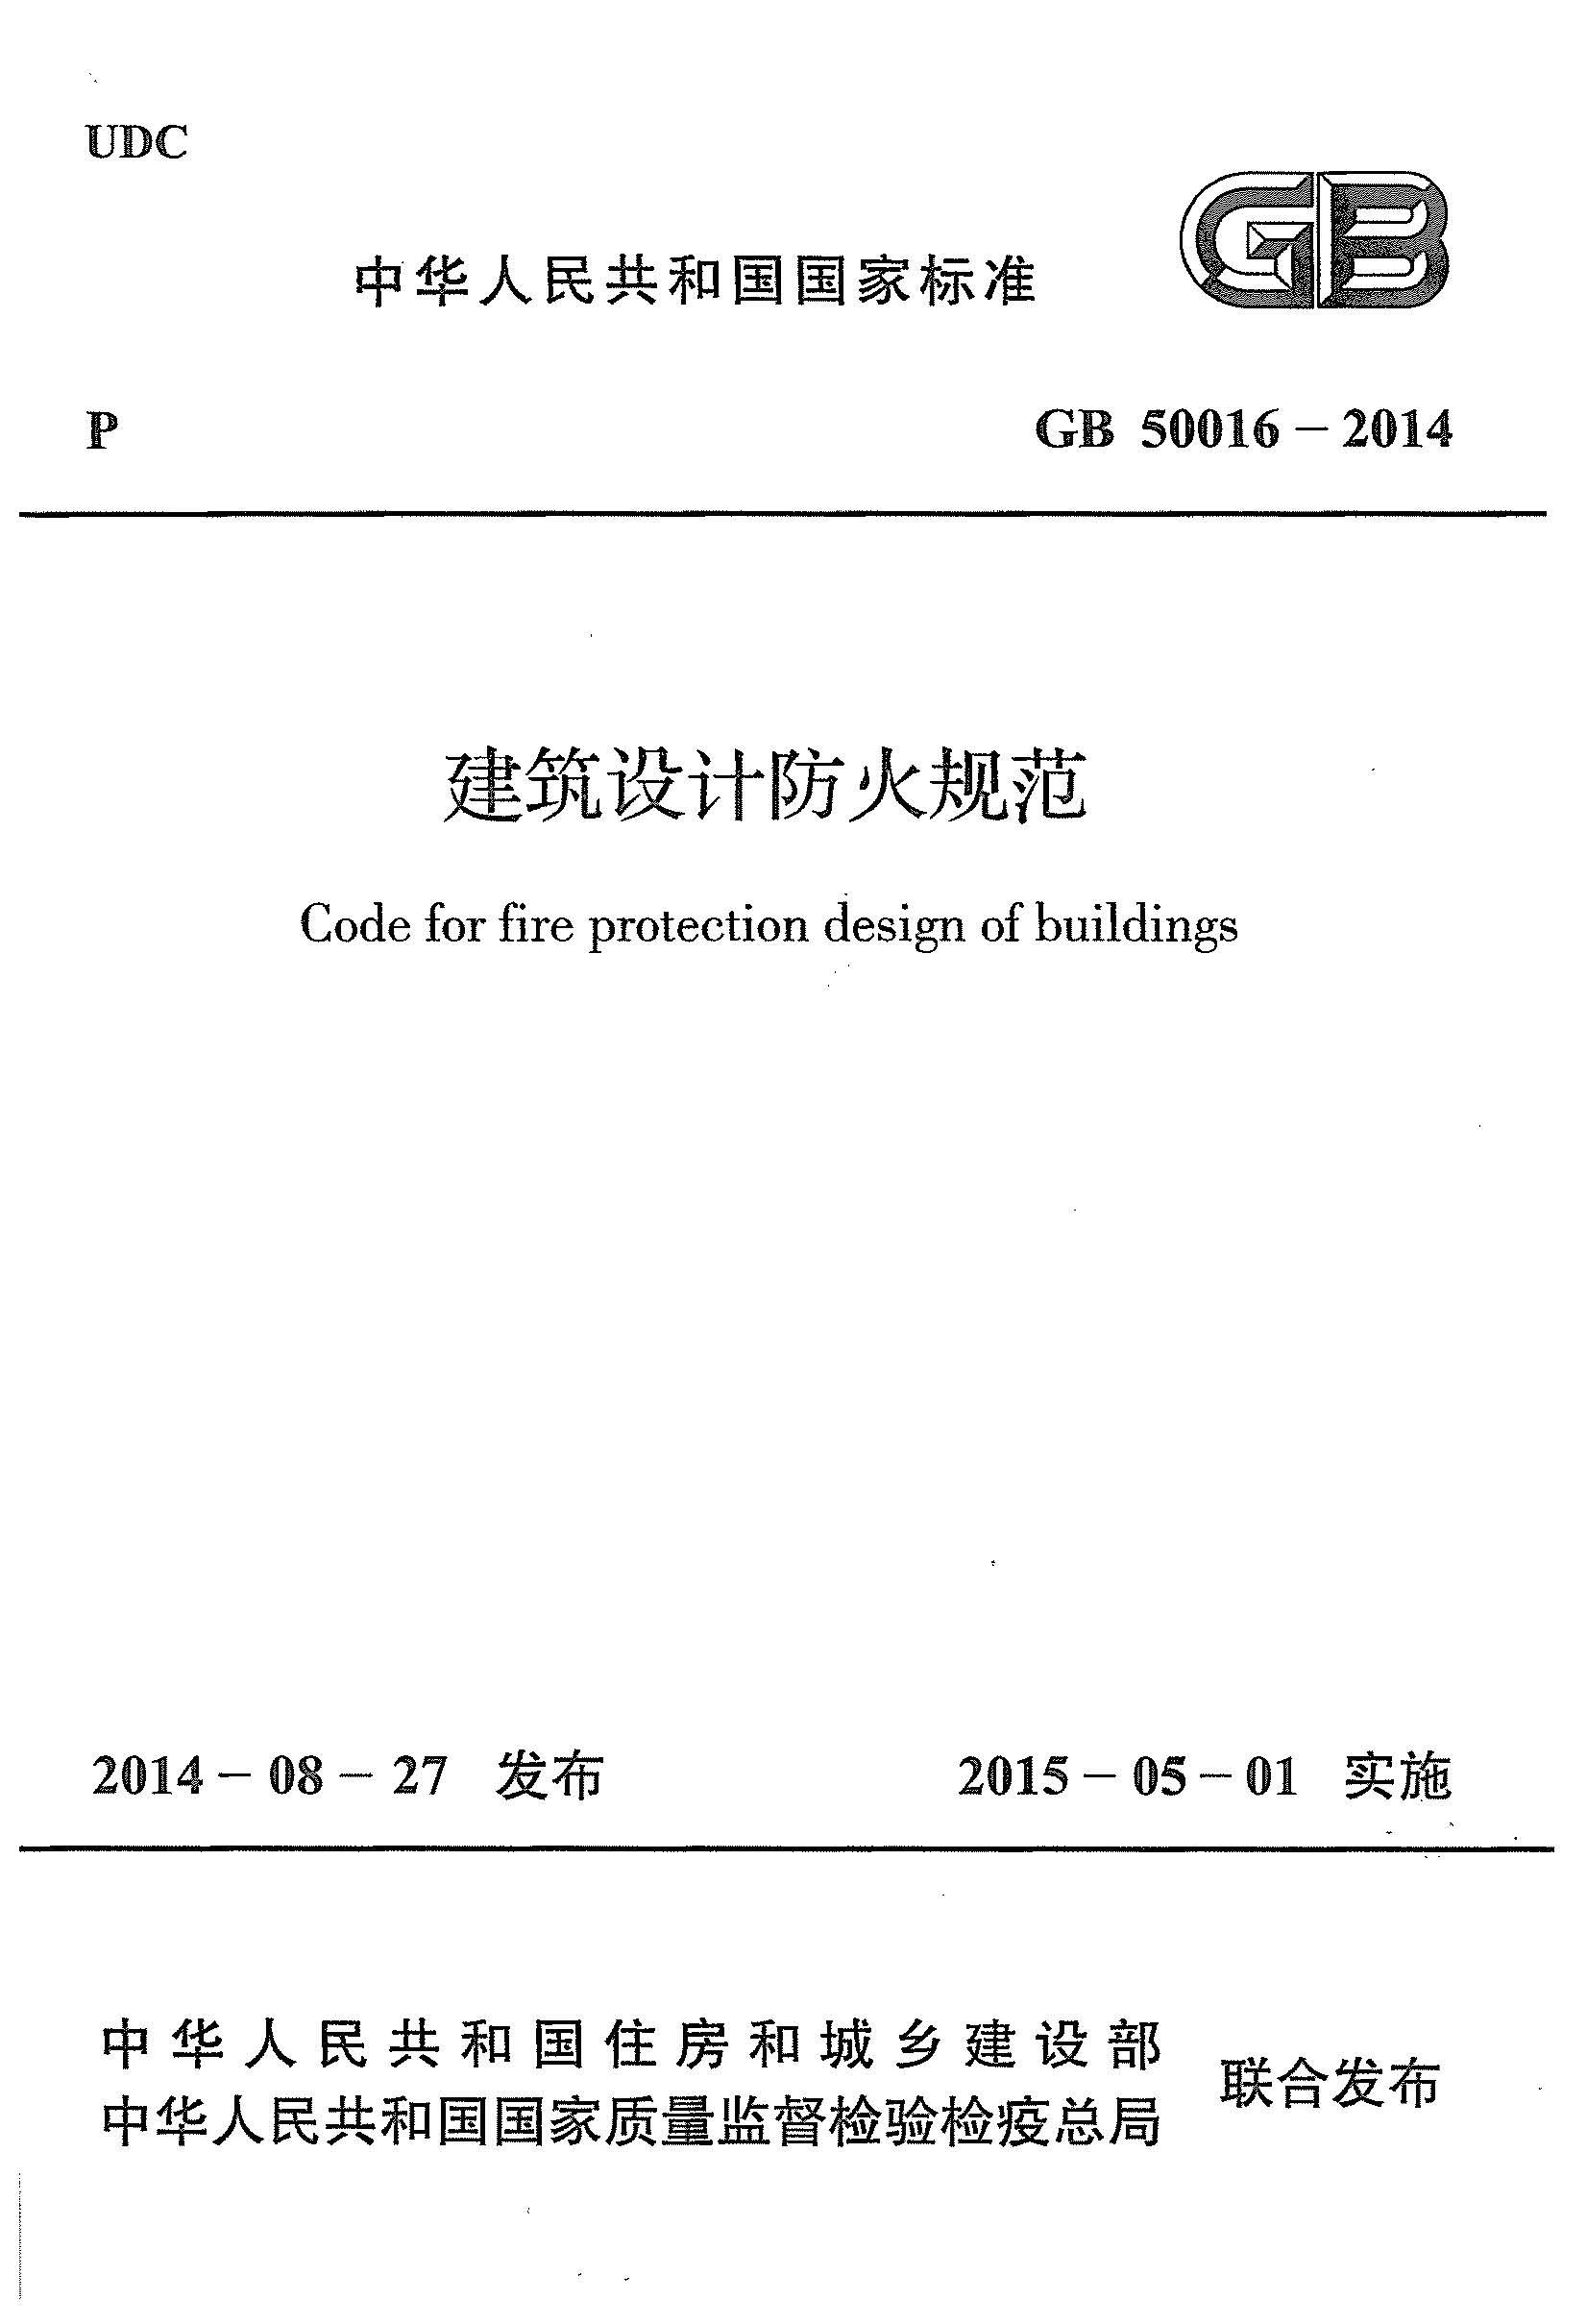 谁有建筑设计防火规范50016-2014正式版,追加高悬赏回报,一定要正式版图片